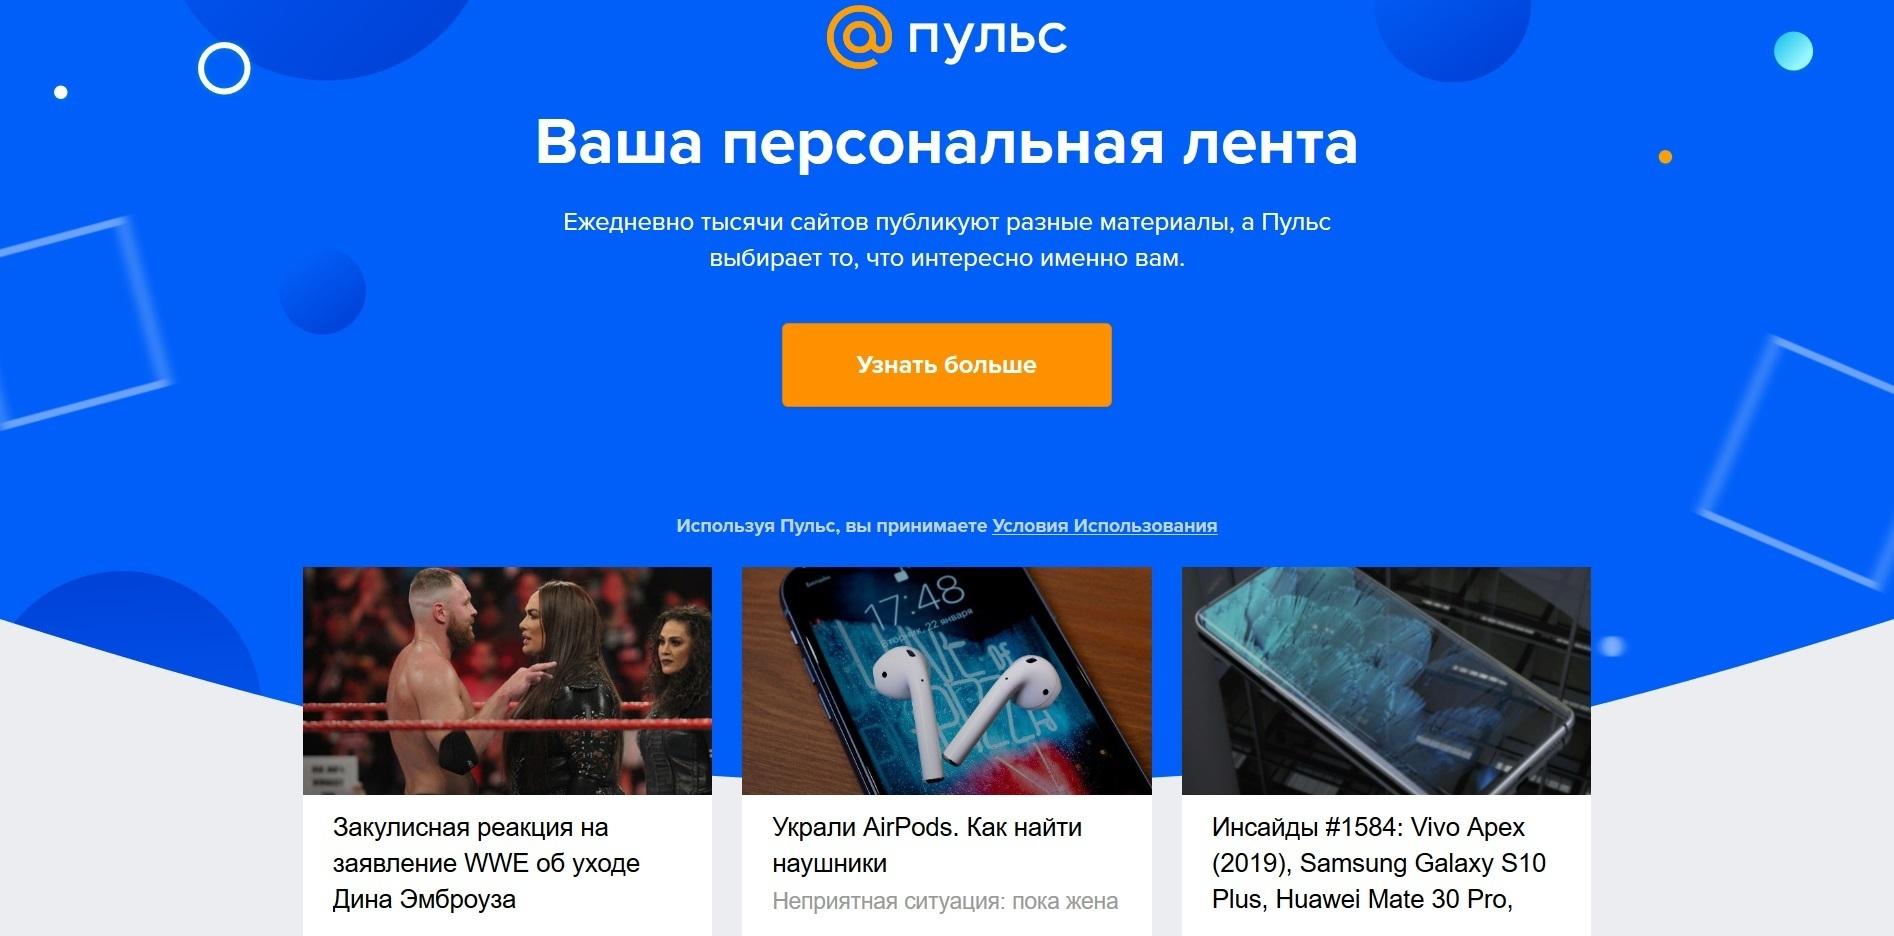 У Mail.ru будет свой дзен